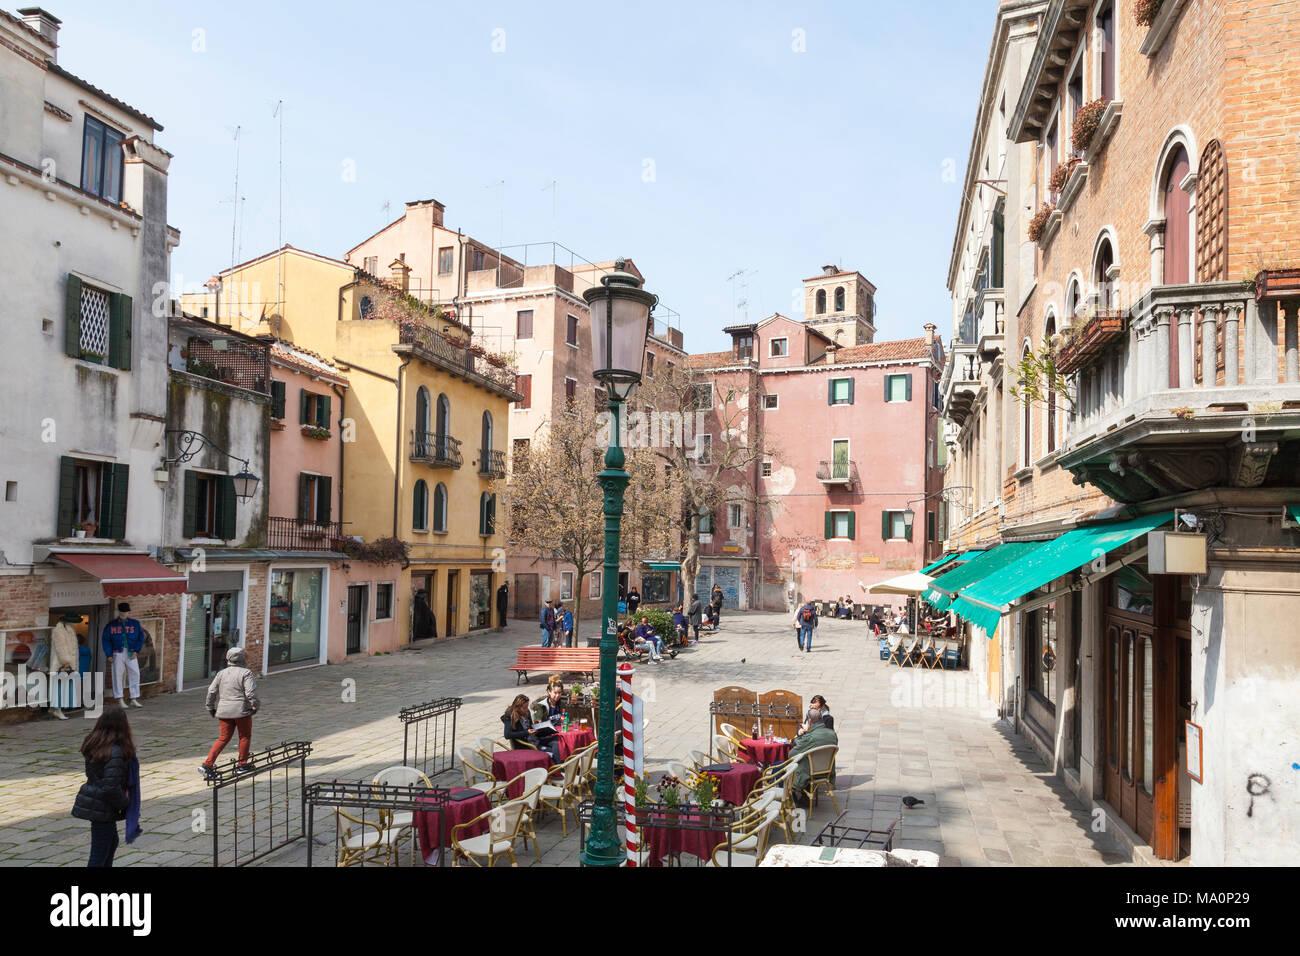 Campo Santa Maria Formosa, Santa Croce, Venedig, Venetien, Italien mit Touristen in ein Open air Restaurant auf einer Anhöhe im Winter Stockbild